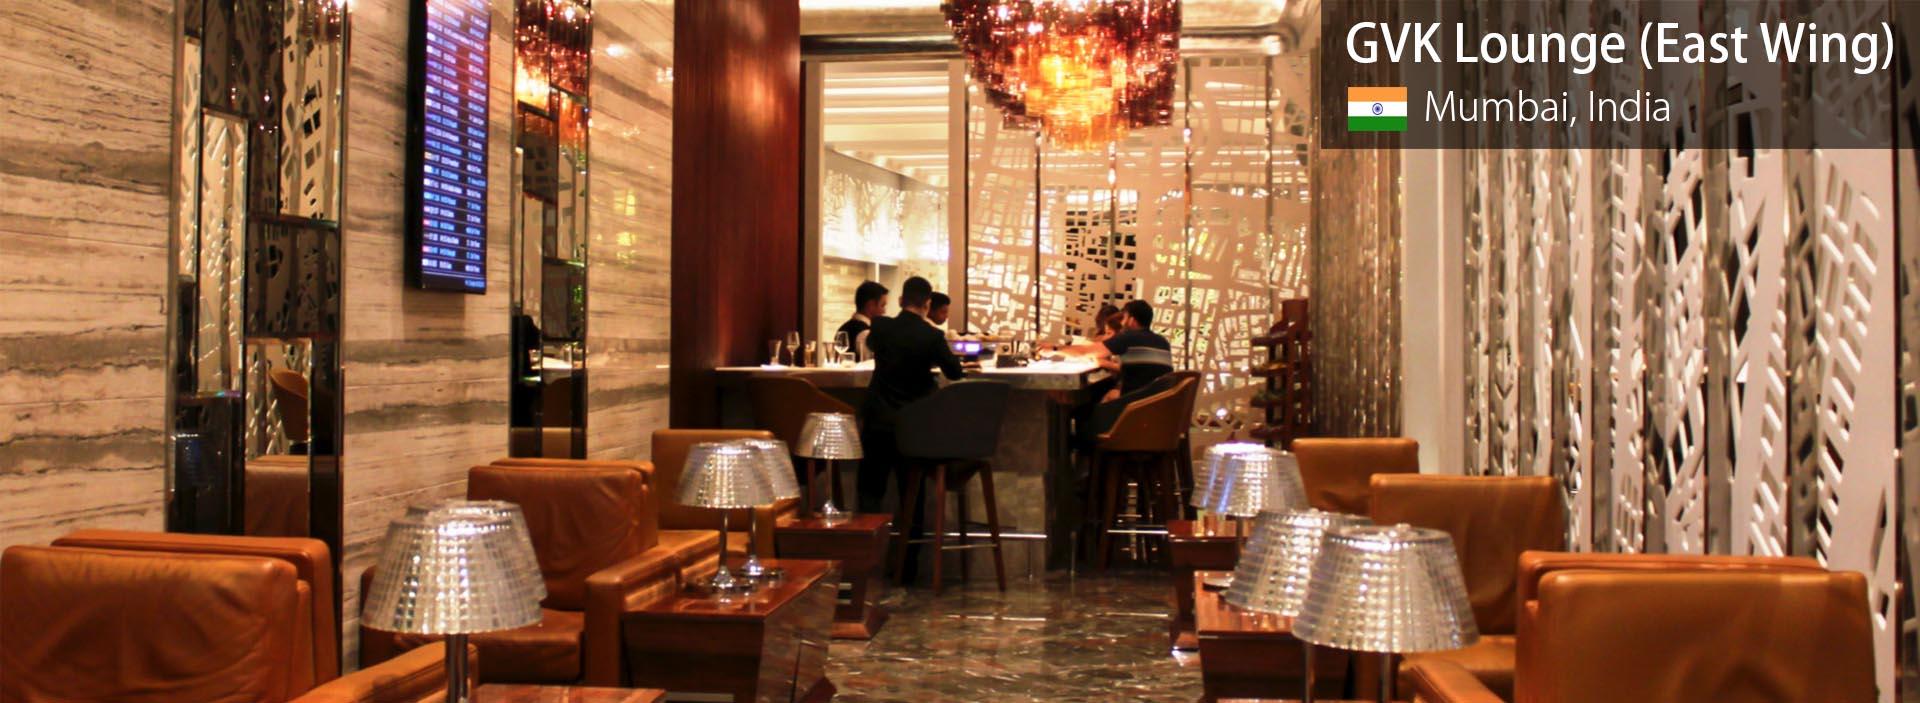 Lounge Review: GVK Lounge (International - East Wing) at Mumbai International